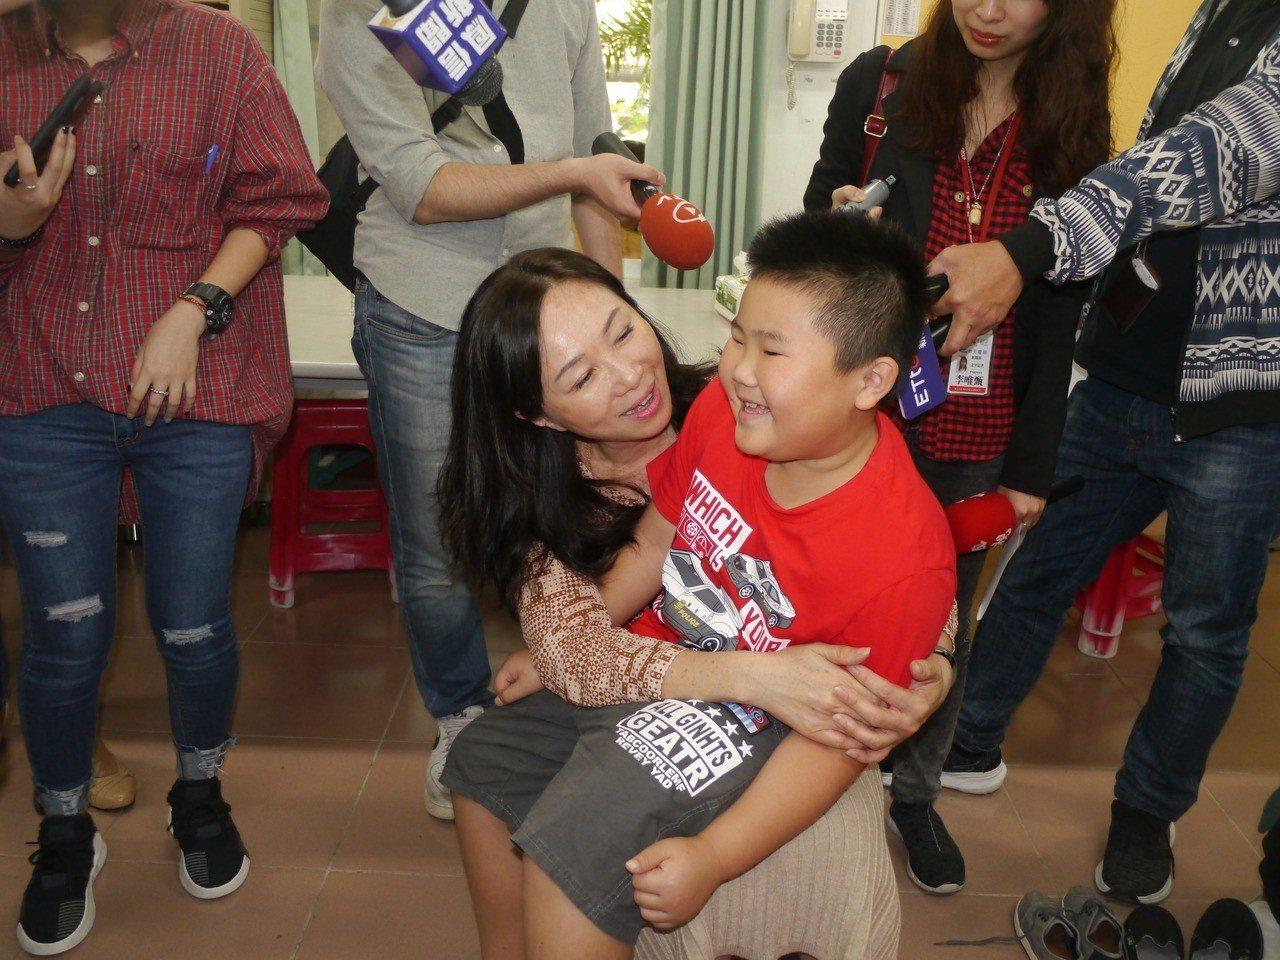 高雄市長夫人李佳芬到六龜當一日志工,開心擁抱龍興國小學童。記者徐白櫻/攝影